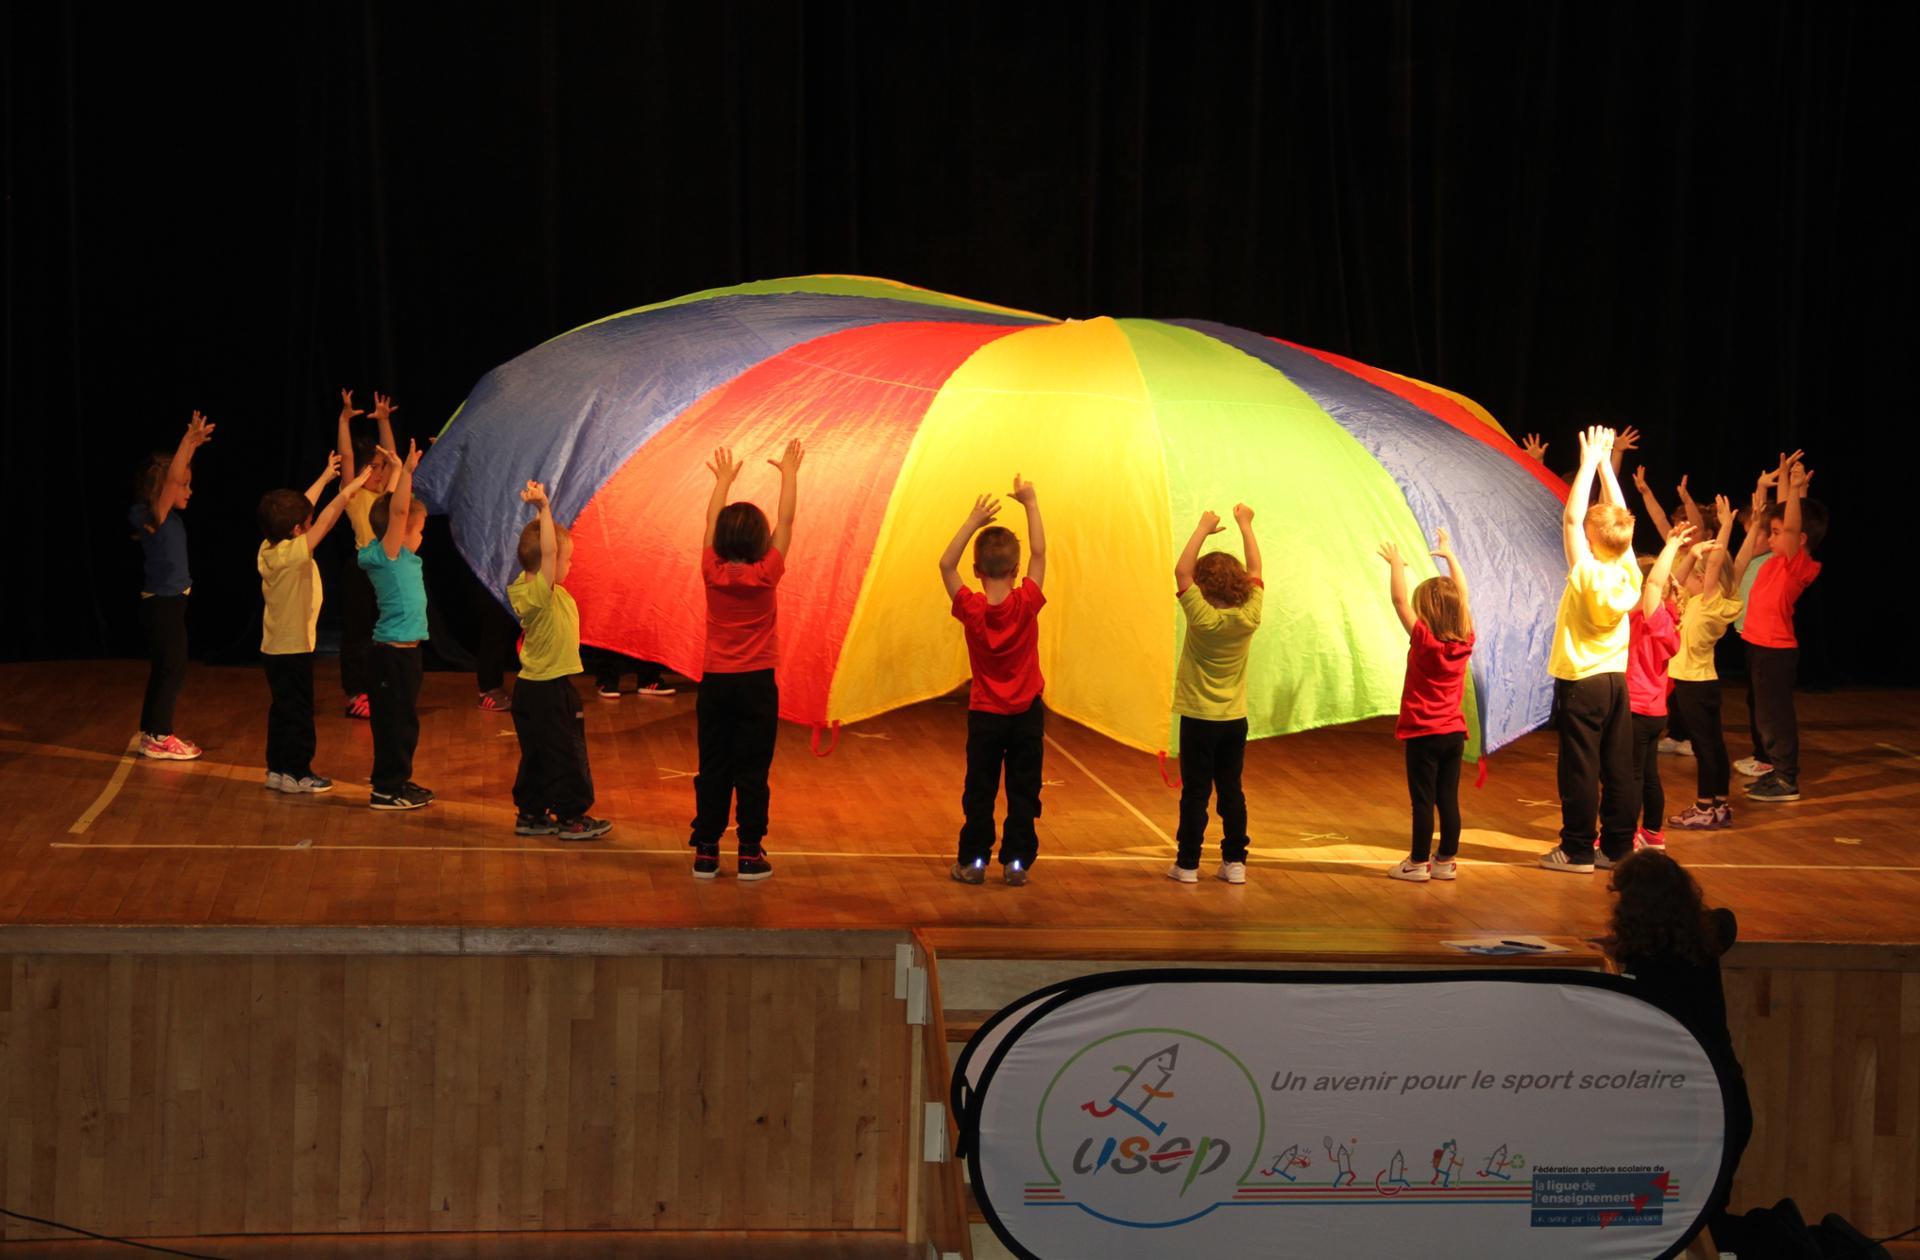 """Rencontre danses USEP 47 - """" Un avenir pour le sport scolaire """""""